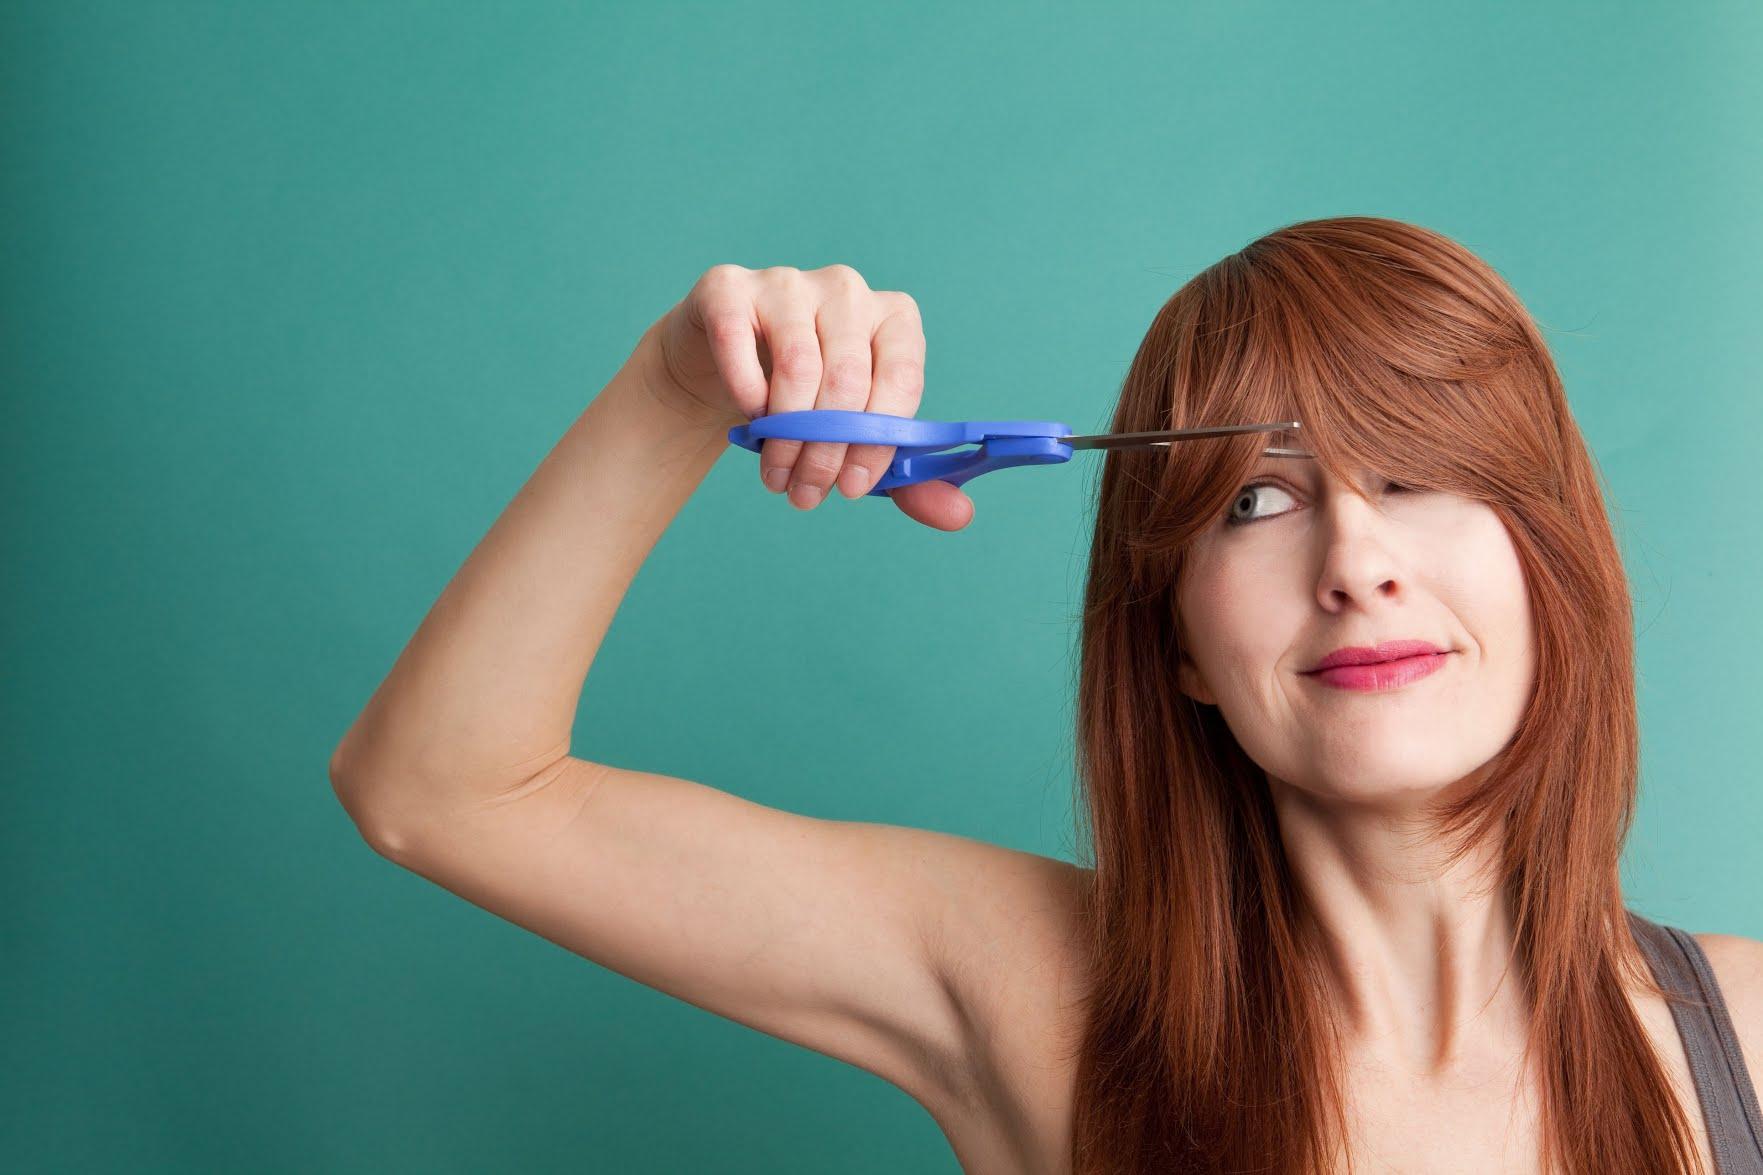 کوتاه کردن مو چتری